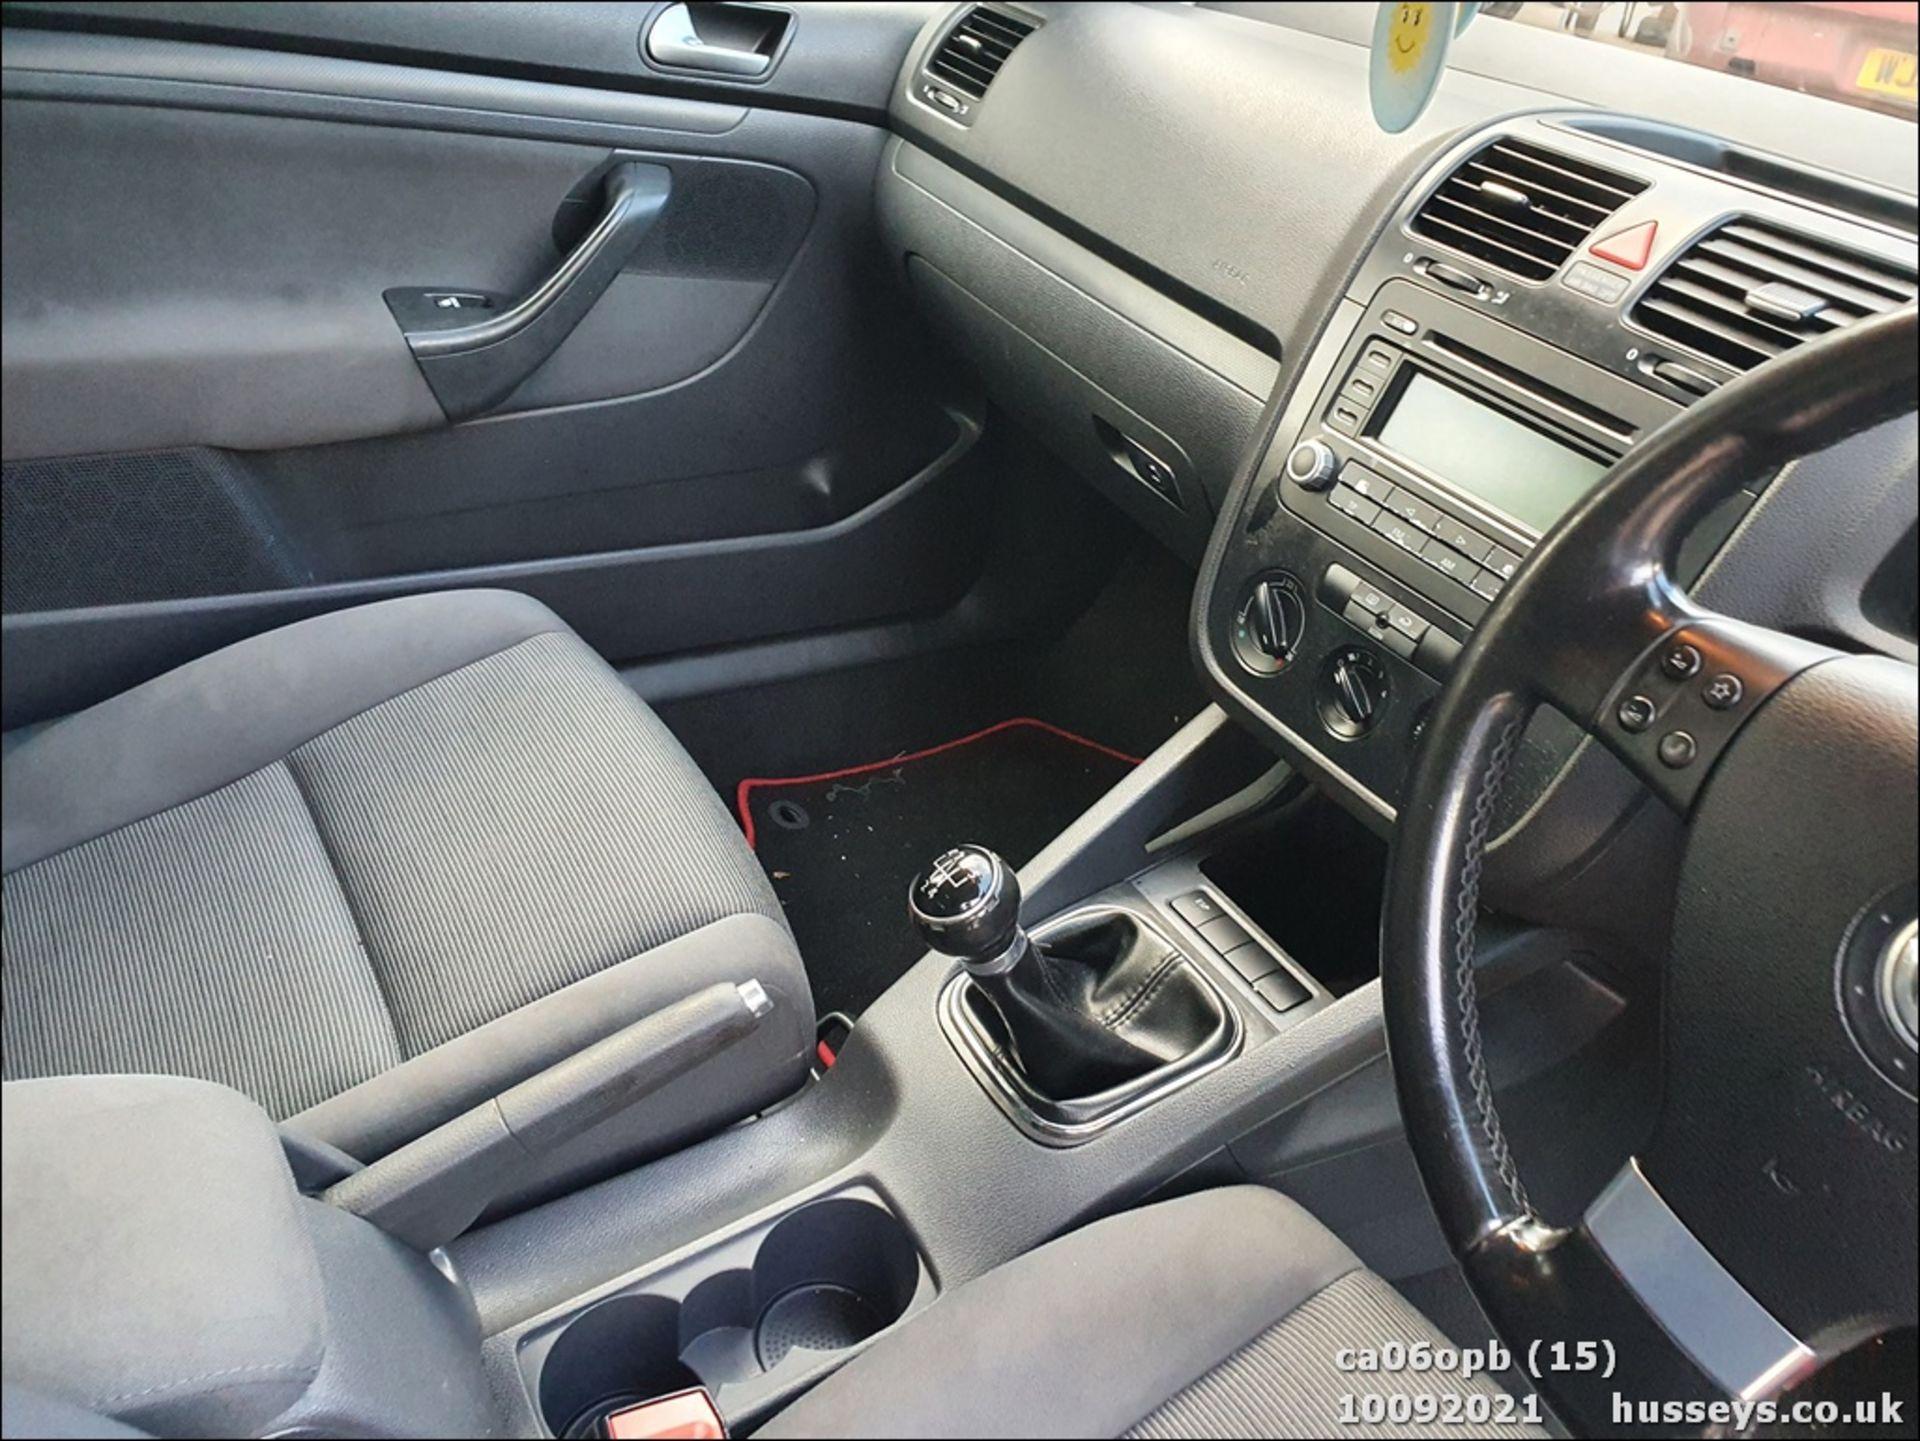 06/06 VOLKSWAGEN GOLF S - 1390cc 3dr Hatchback (Red, 131k) - Image 15 of 18